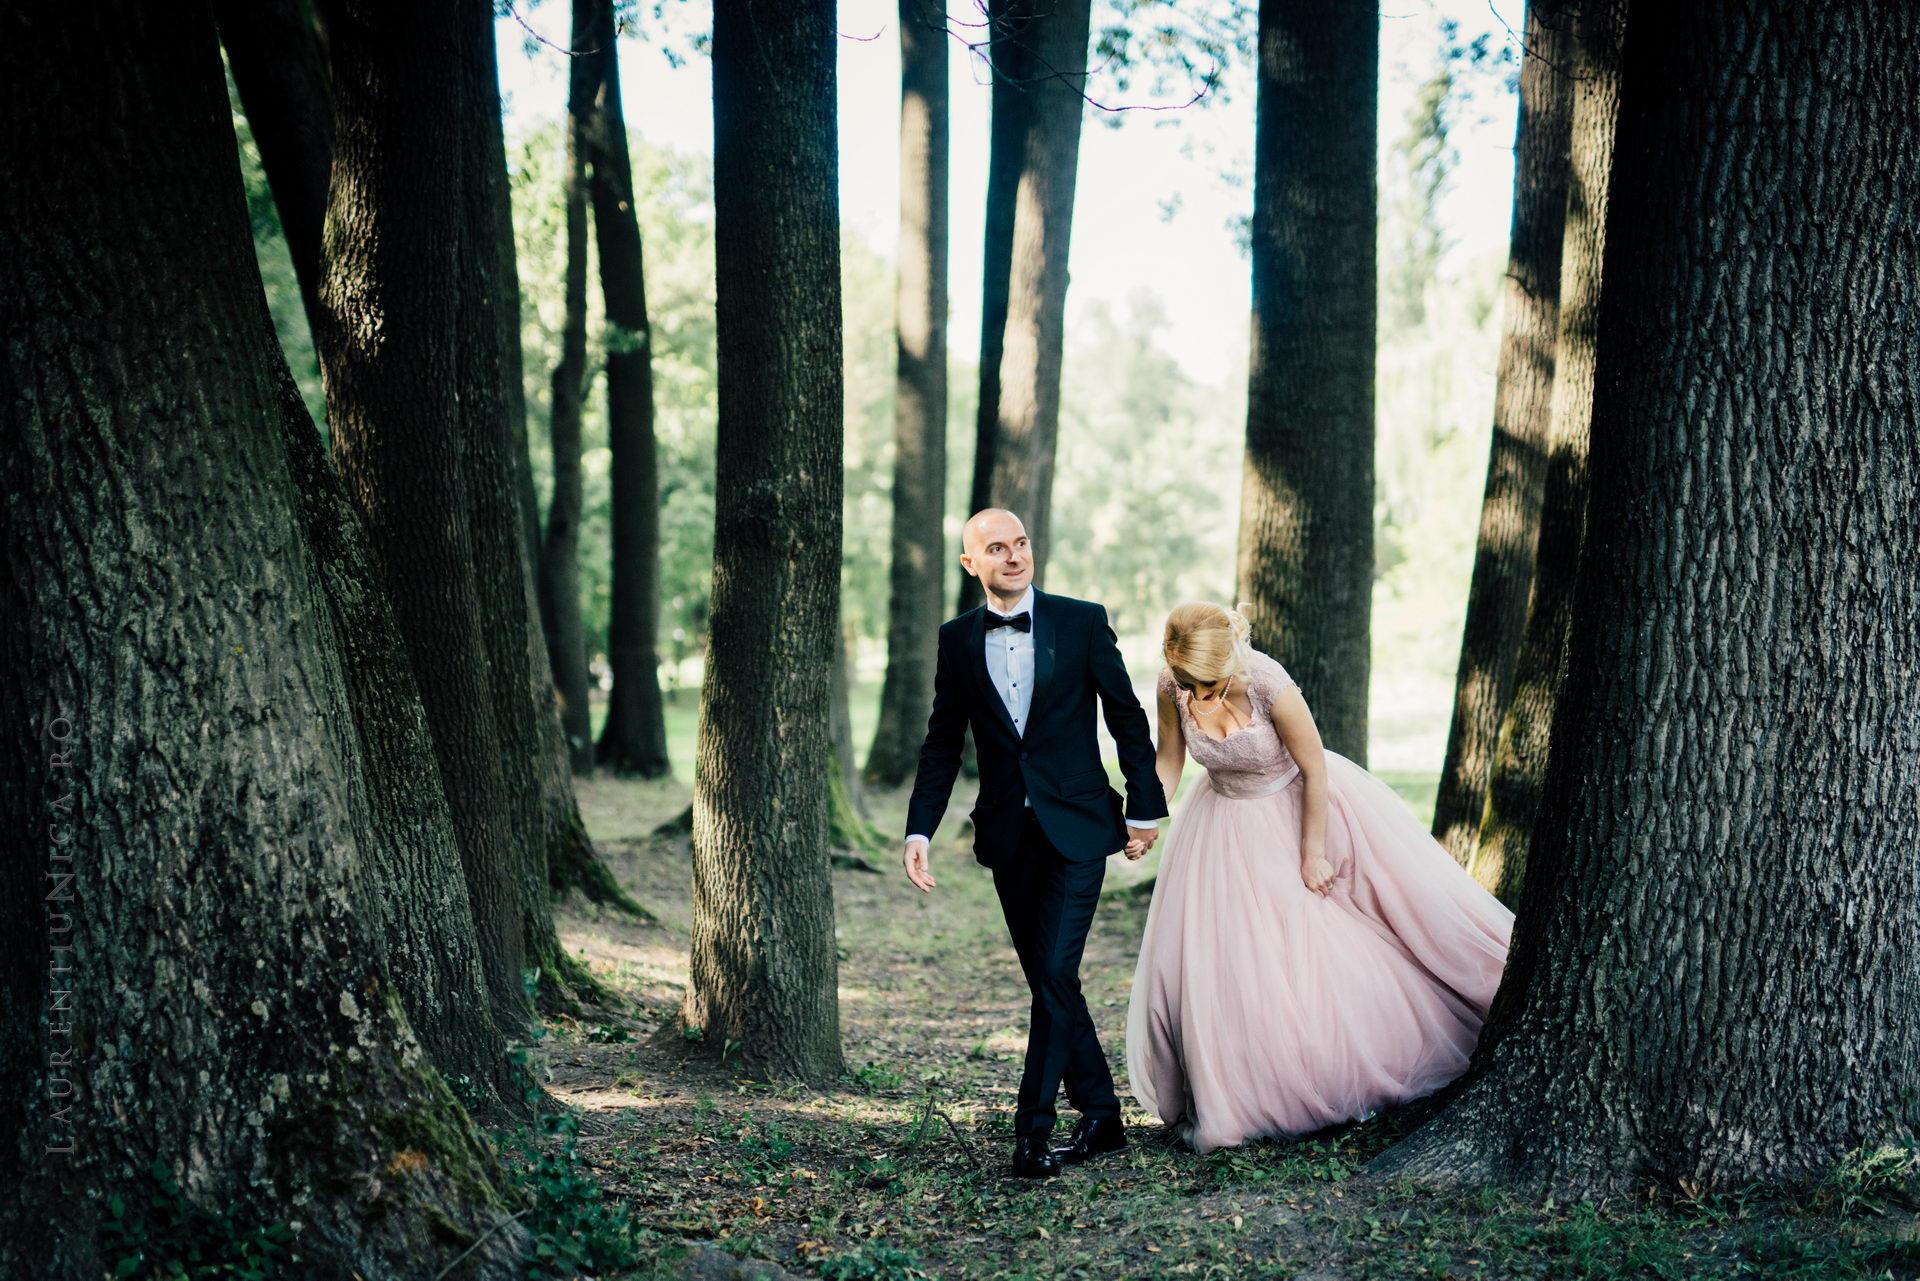 lavinia si adi fotograf laurentiu nica craiova 033 - Lavinia & Adi | Fotografii nunta